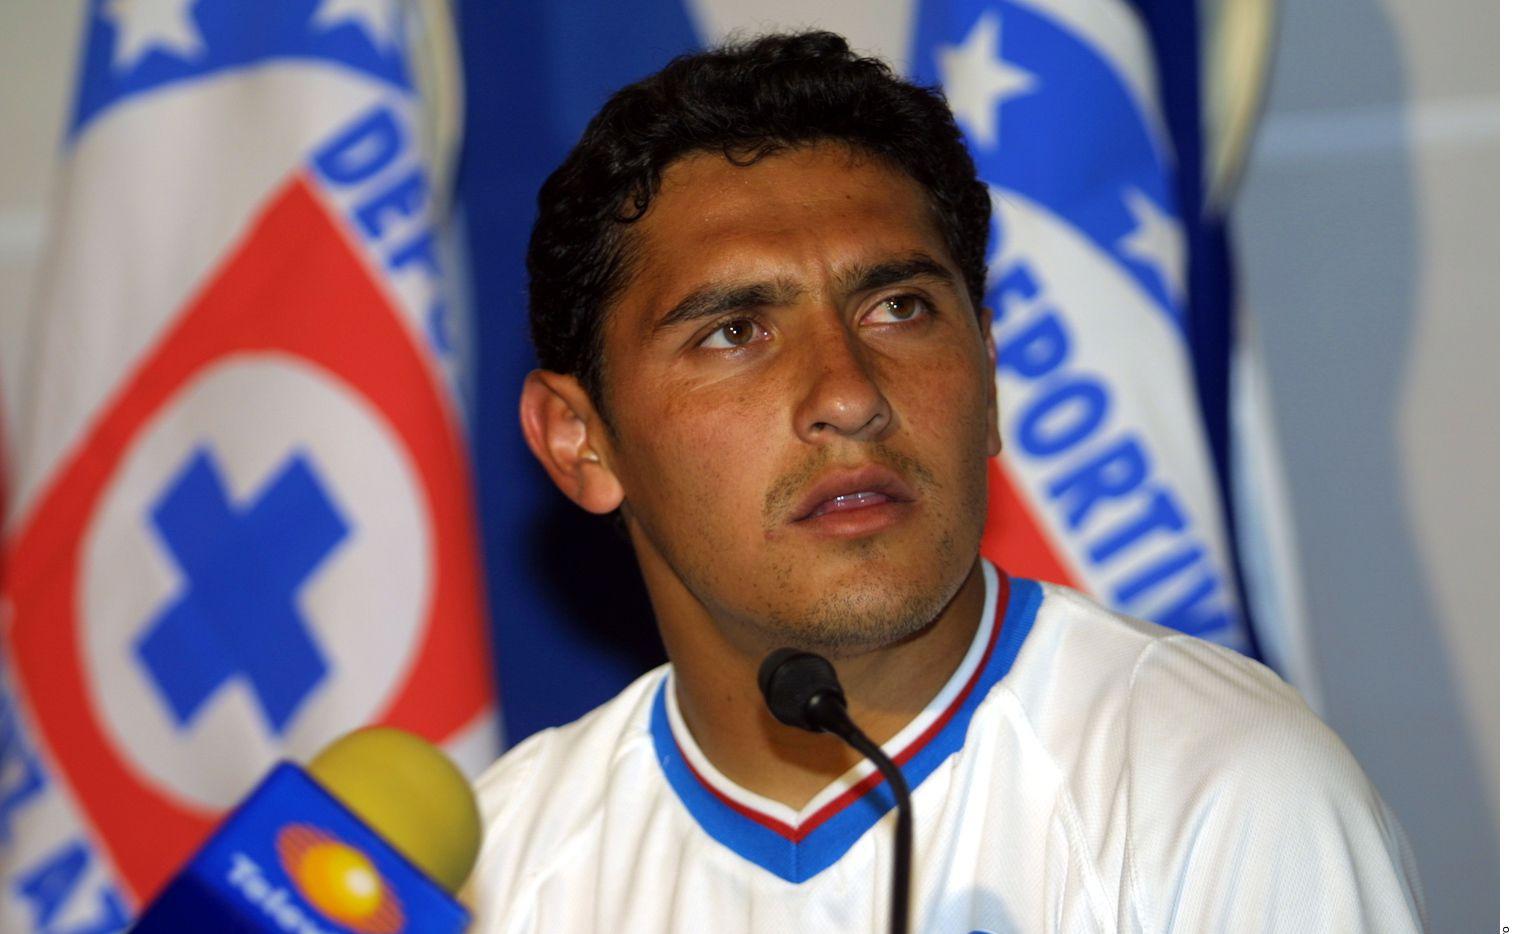 Víctima de un infarto al corazón, el ex jugador celeste Norberto Ángeles falleció este lunes.